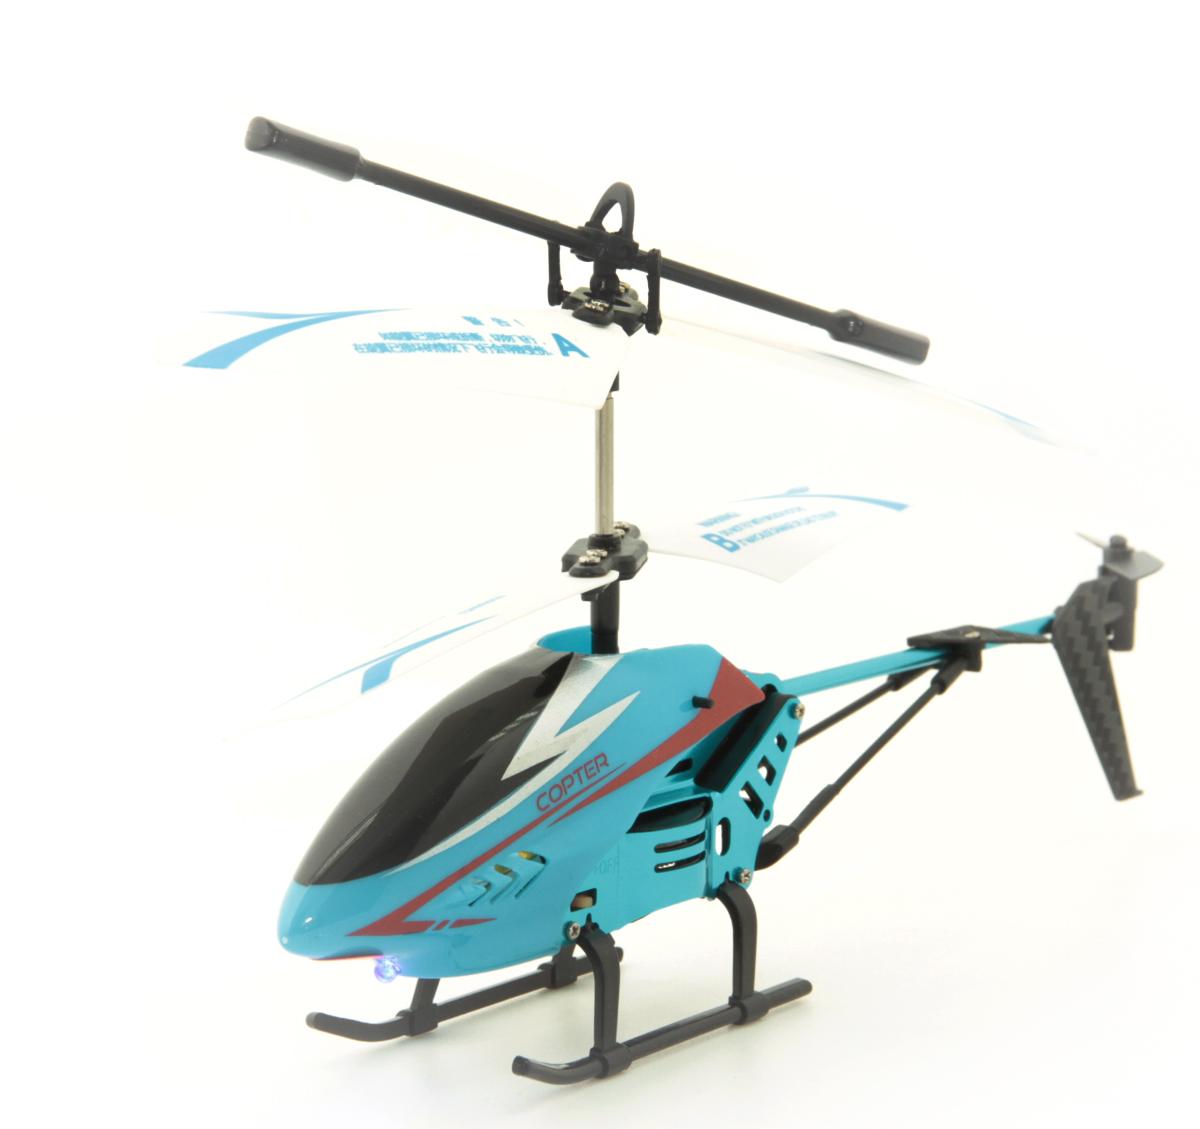 Balbi Вертолет на инфракрасном управлении цвет синий A0G1082868 - Радиоуправляемые игрушки